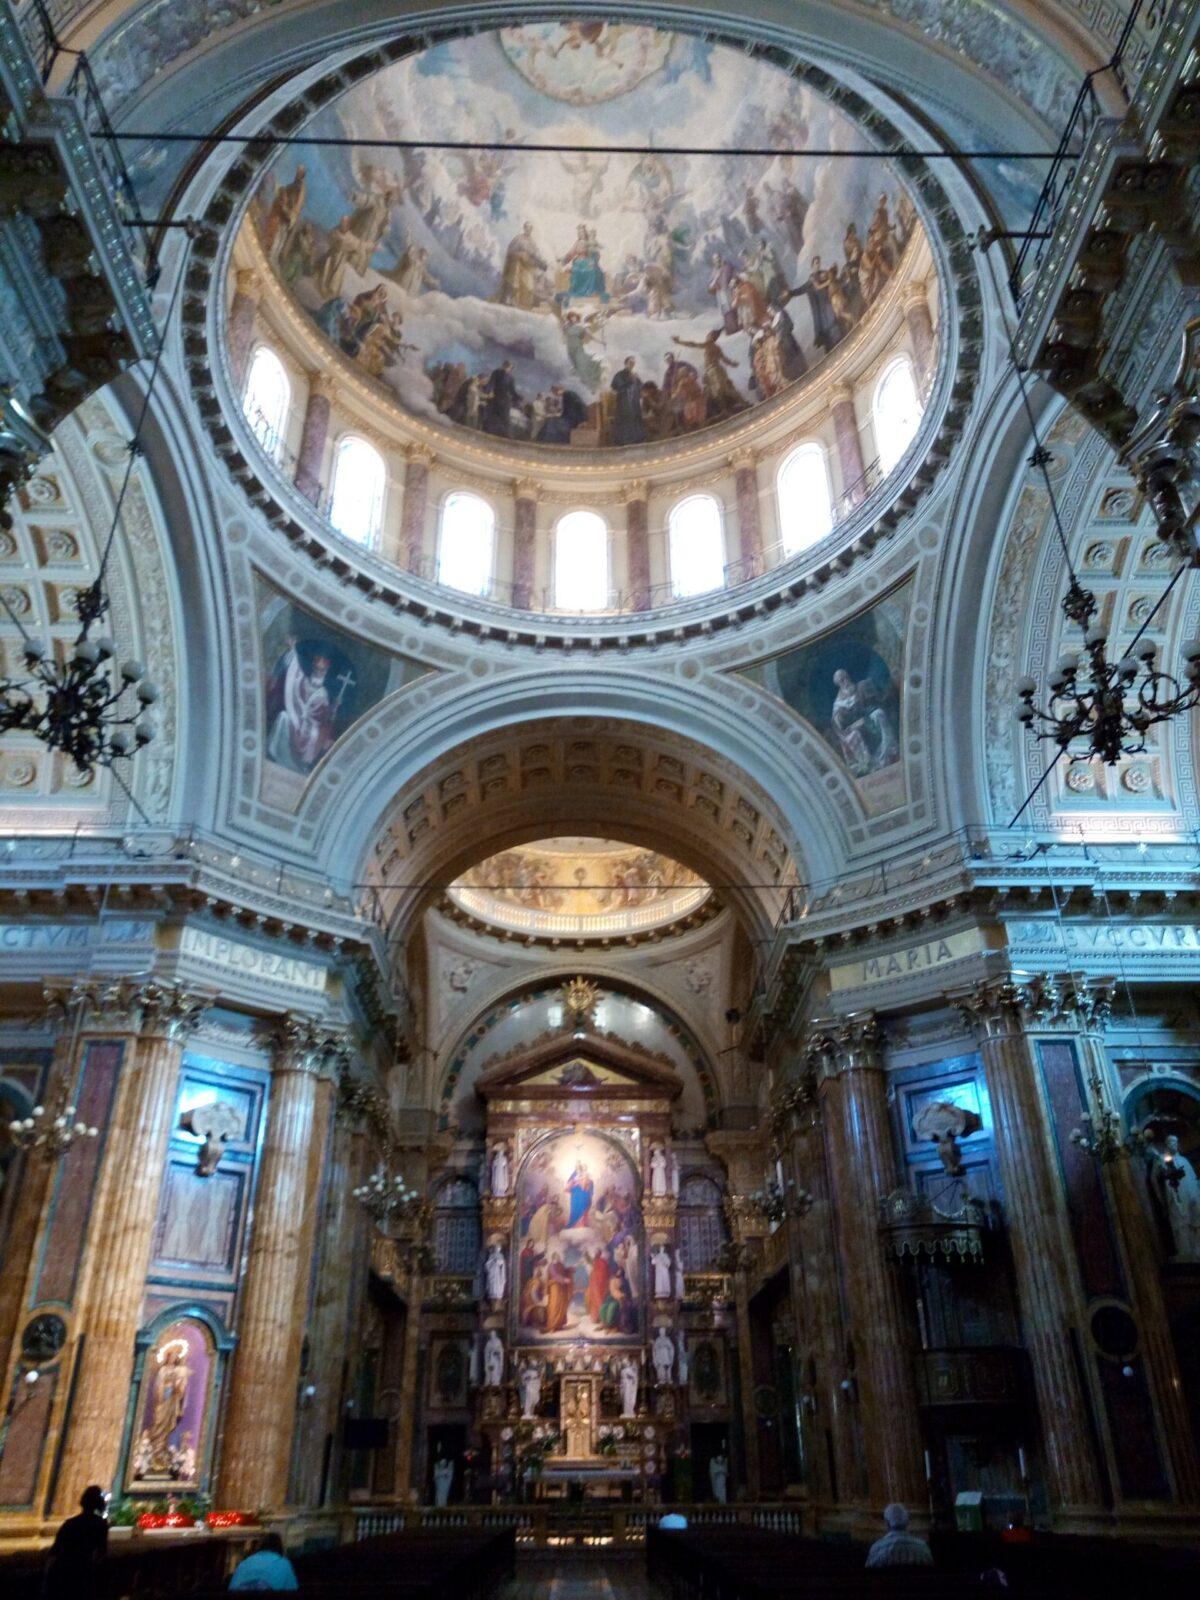 Mons. Nosiglia: Come Don Bosco, accompagniamo i giovani verso il futuro